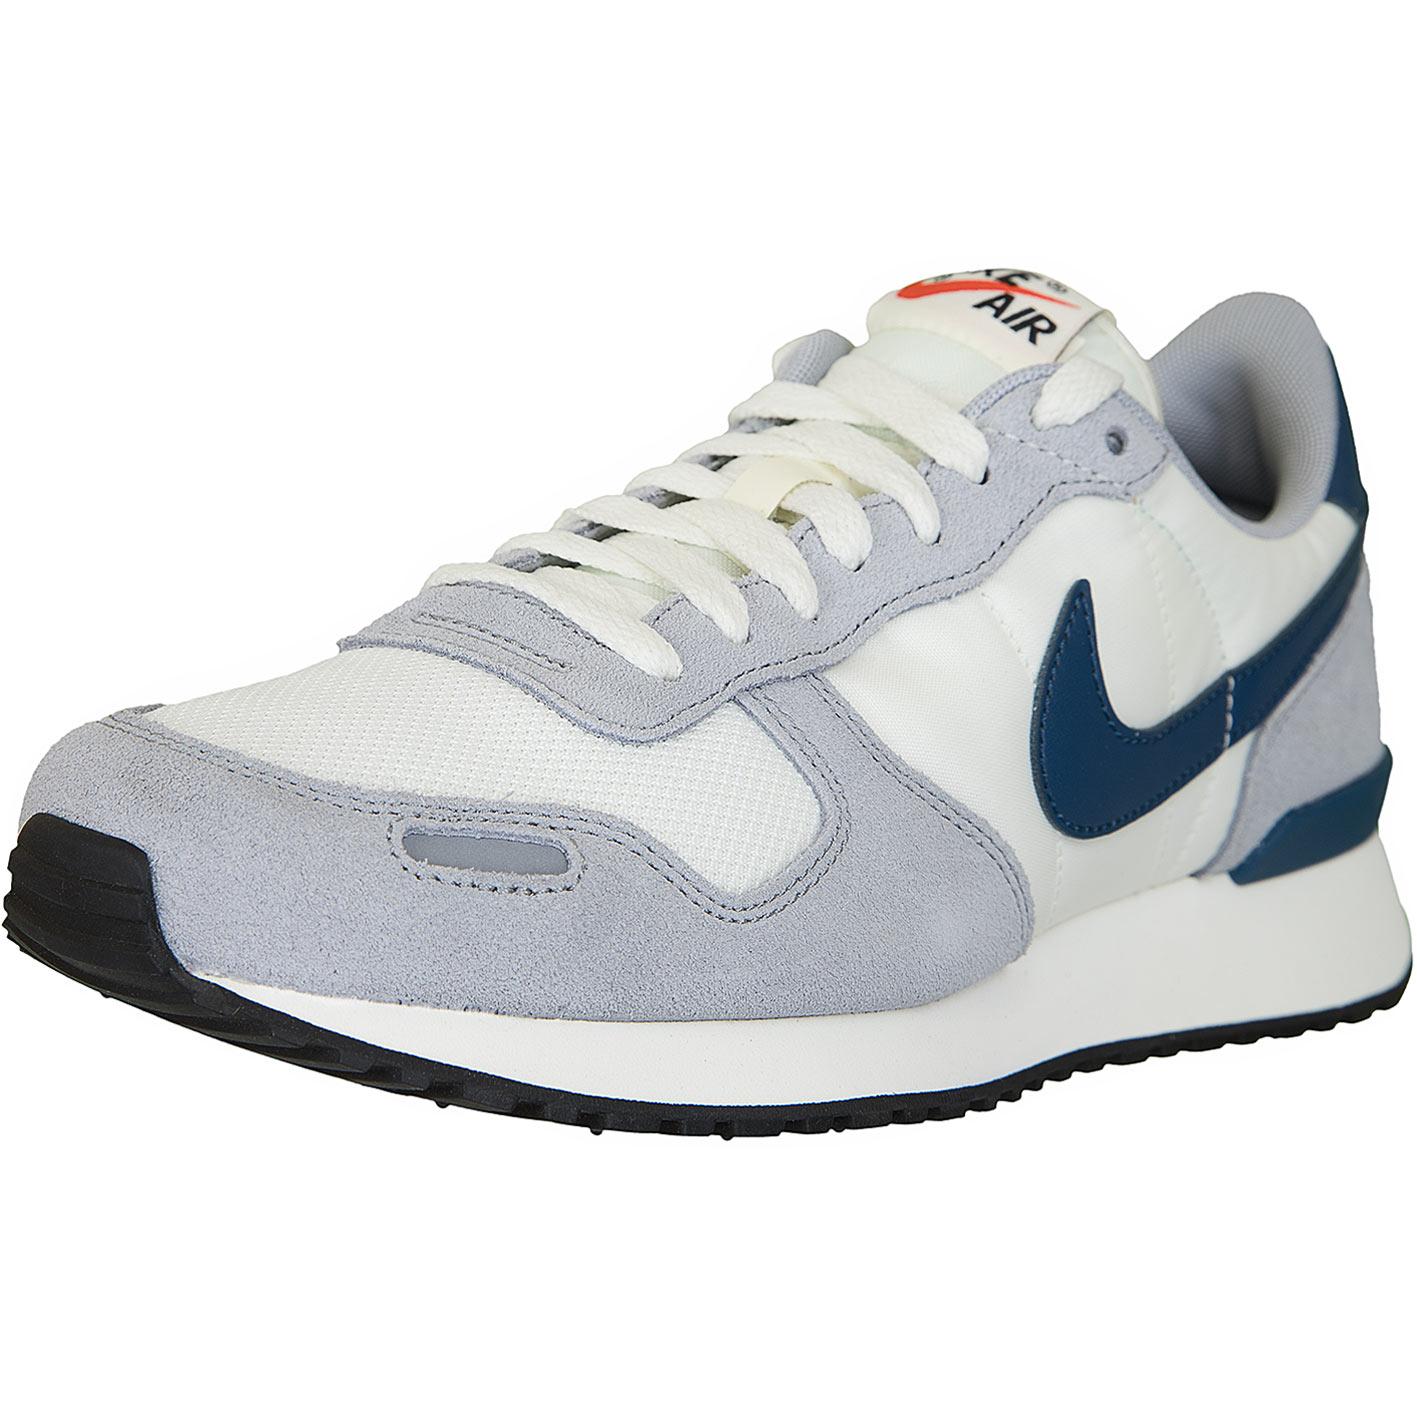 b8d0aff2083a12 ☆ Nike Sneaker Air Vortex grau blau - hier bestellen!